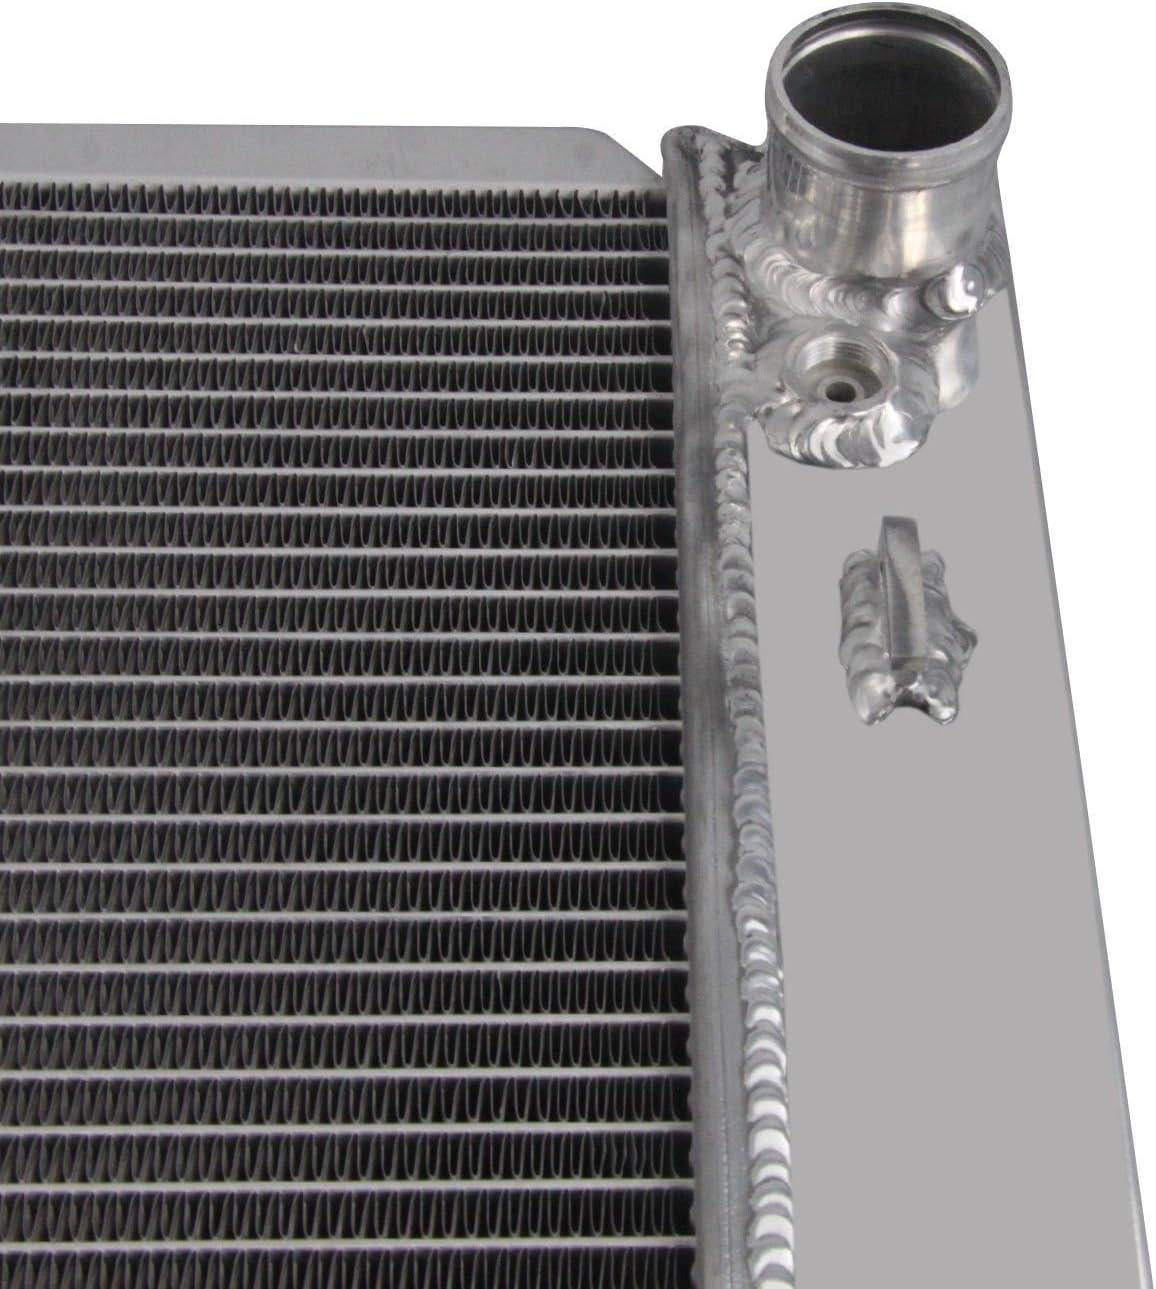 ALLOYWORKS 26mm Core Aluminum Radiator For 1999-2010 Ford Expedition Lobo F-150 F-250 F-350 Super Duty 4.2L V6 4.6L 5.4L V8 AT//MT